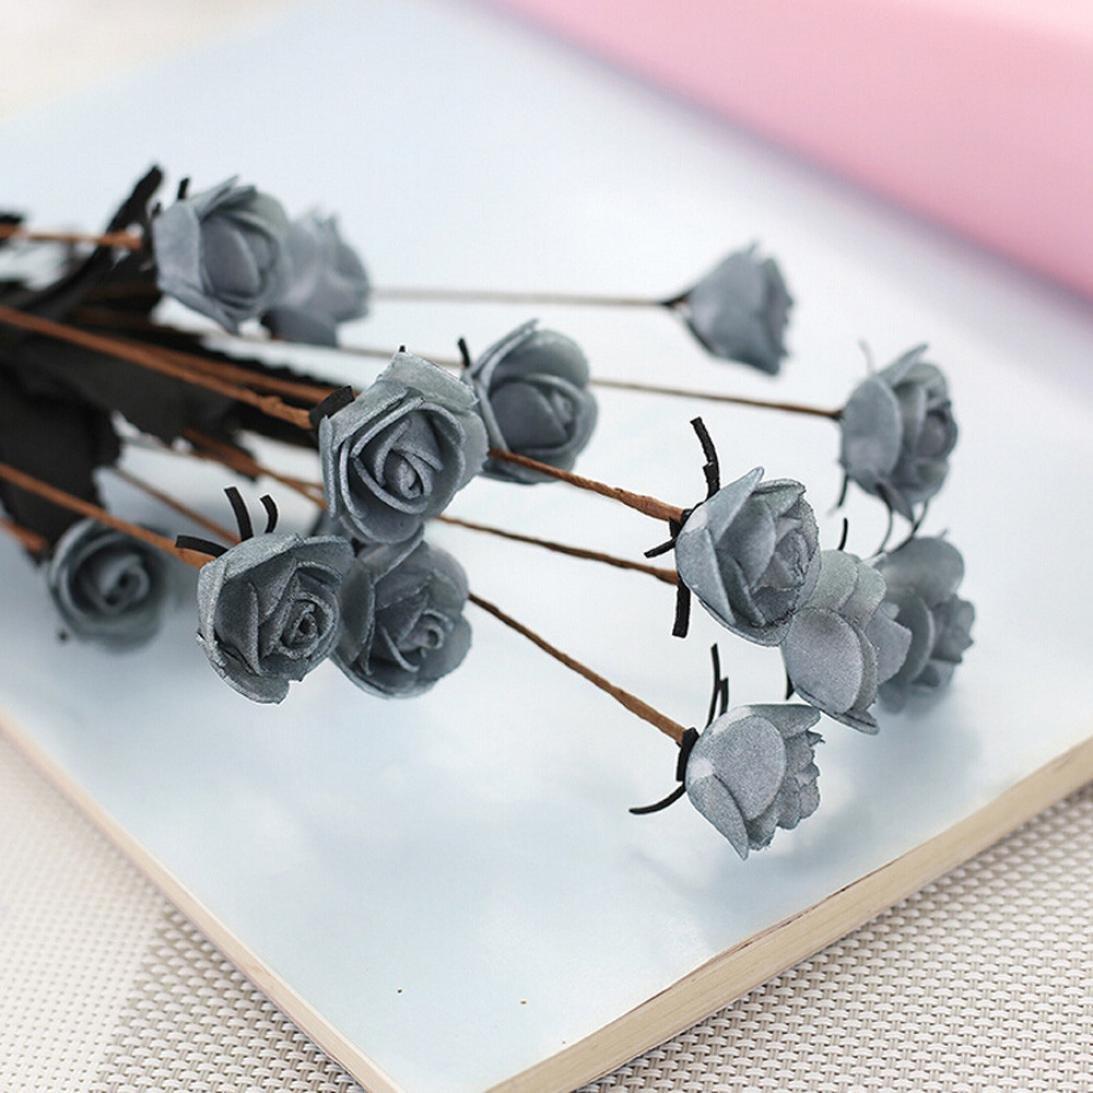 ホットセール。クリアランスシミュレーション花、neartime人工PEフェイク花ローズ花柄ウェディングブーケブライダル紫陽花Decor ブルー NE B07DPFSC6M グレー